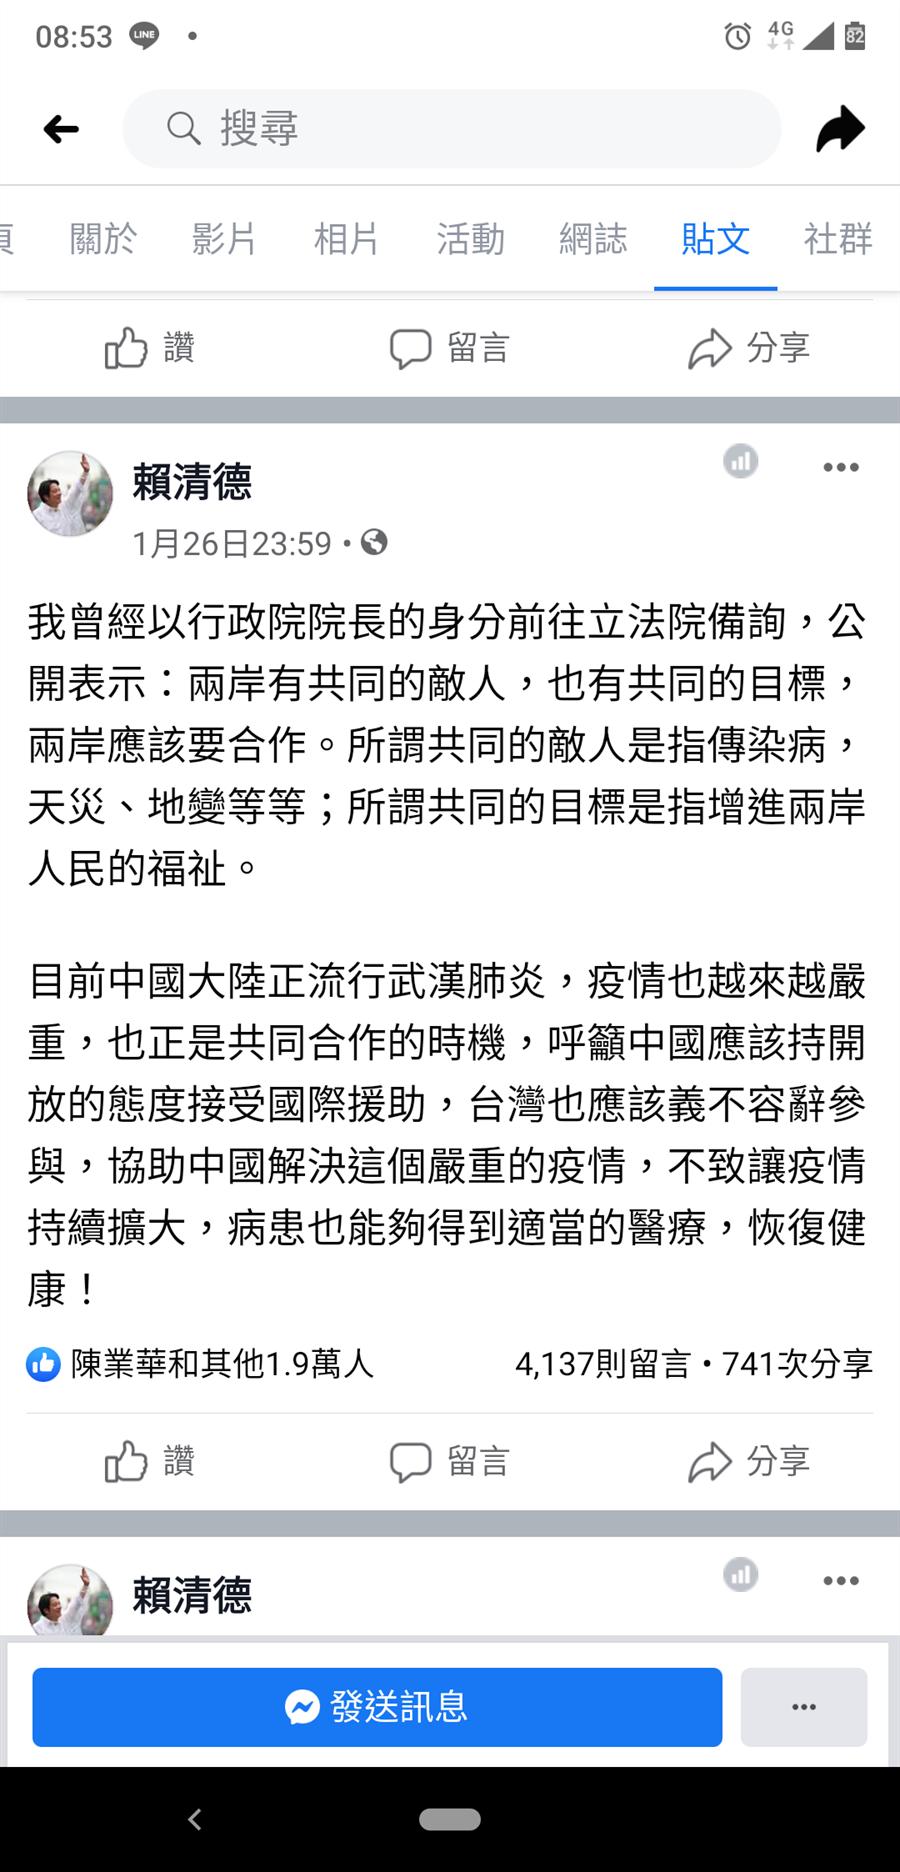 準副總統賴清德臉書po文談防疫要兩岸合作卻被網友罵翻。(翻攝照片)